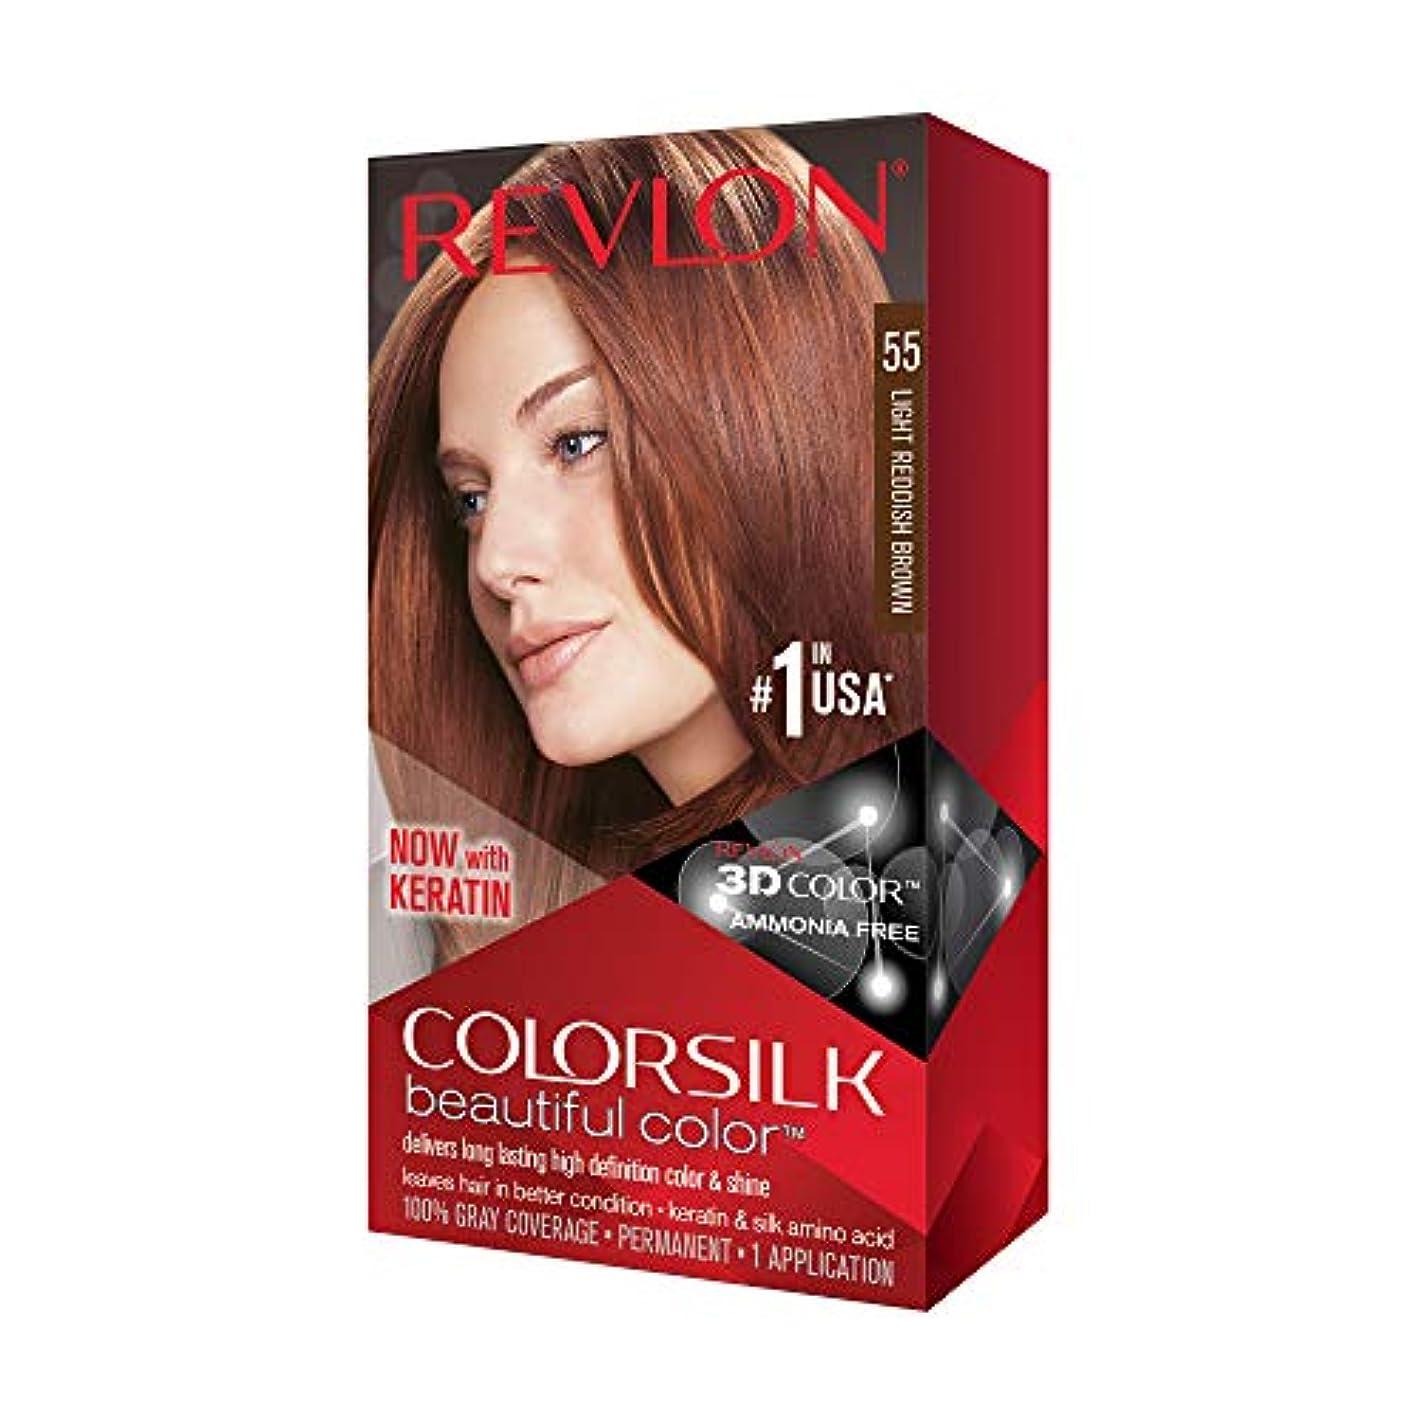 干渉する争い吐き出すRevlon Colorsilk美しい色、ライト赤褐色、1つのカウント 1つのカウント ライト赤褐色